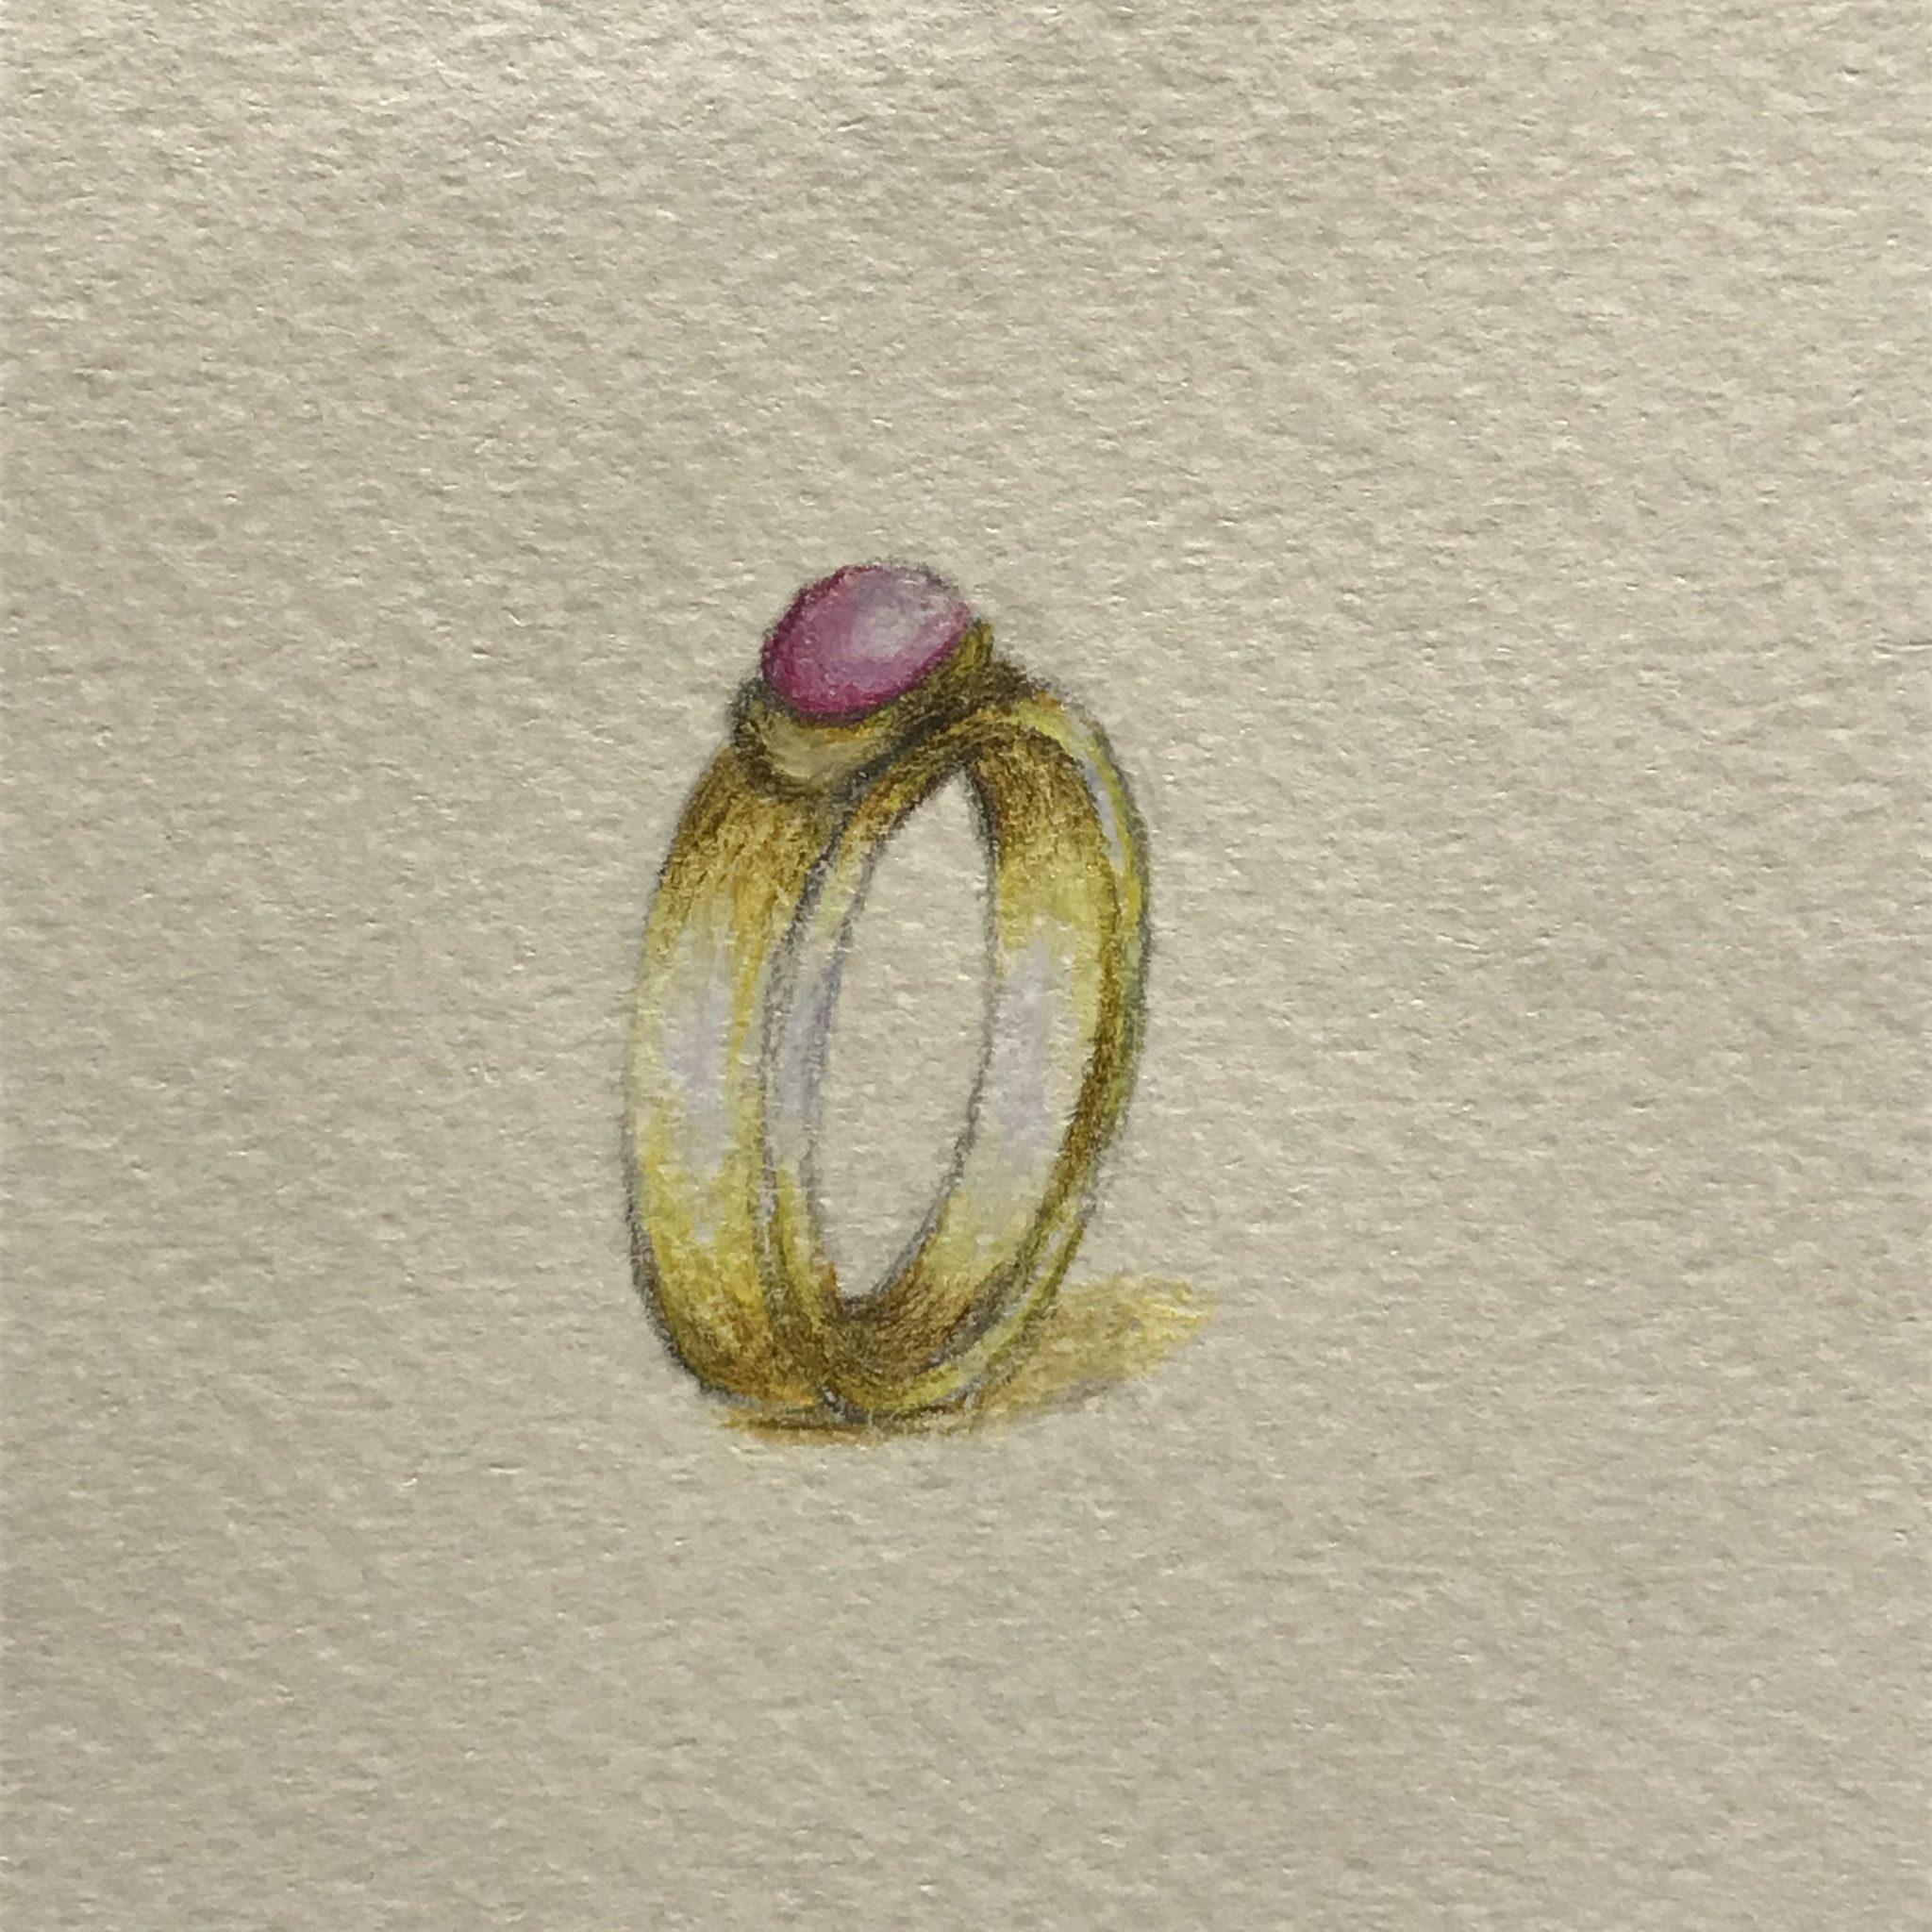 Het Juweel: ring met roze toermalijn ontwerp